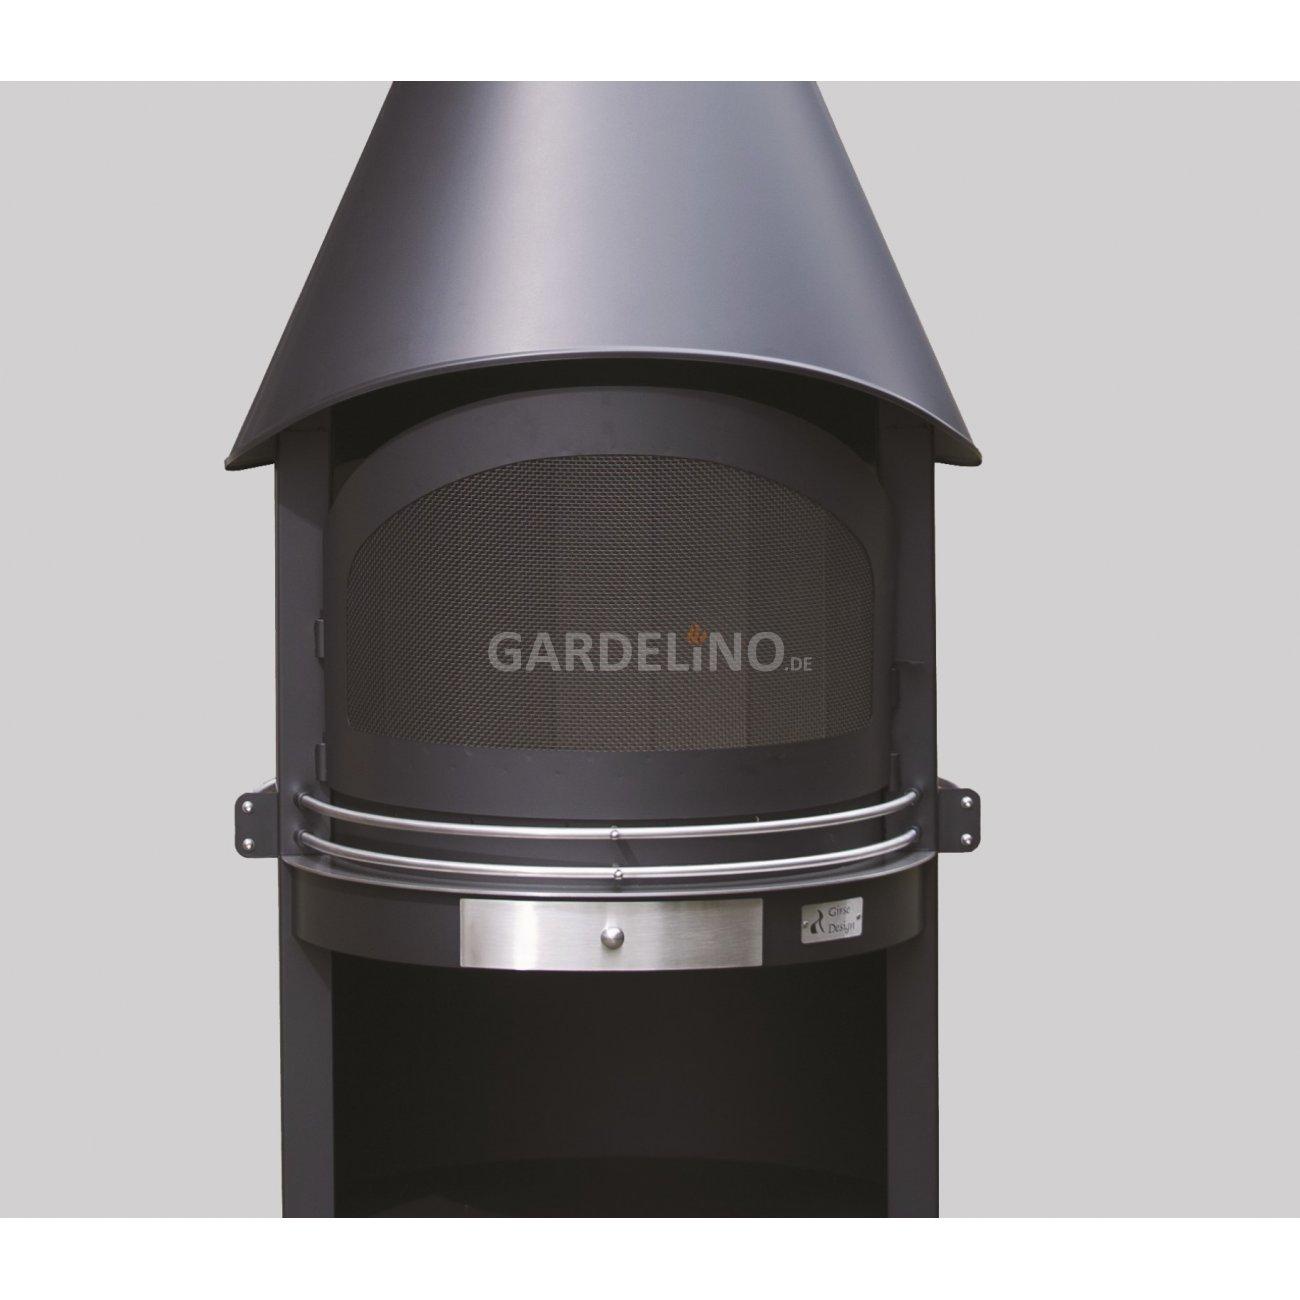 girse grillkamin test kleinster mobiler gasgrill. Black Bedroom Furniture Sets. Home Design Ideas